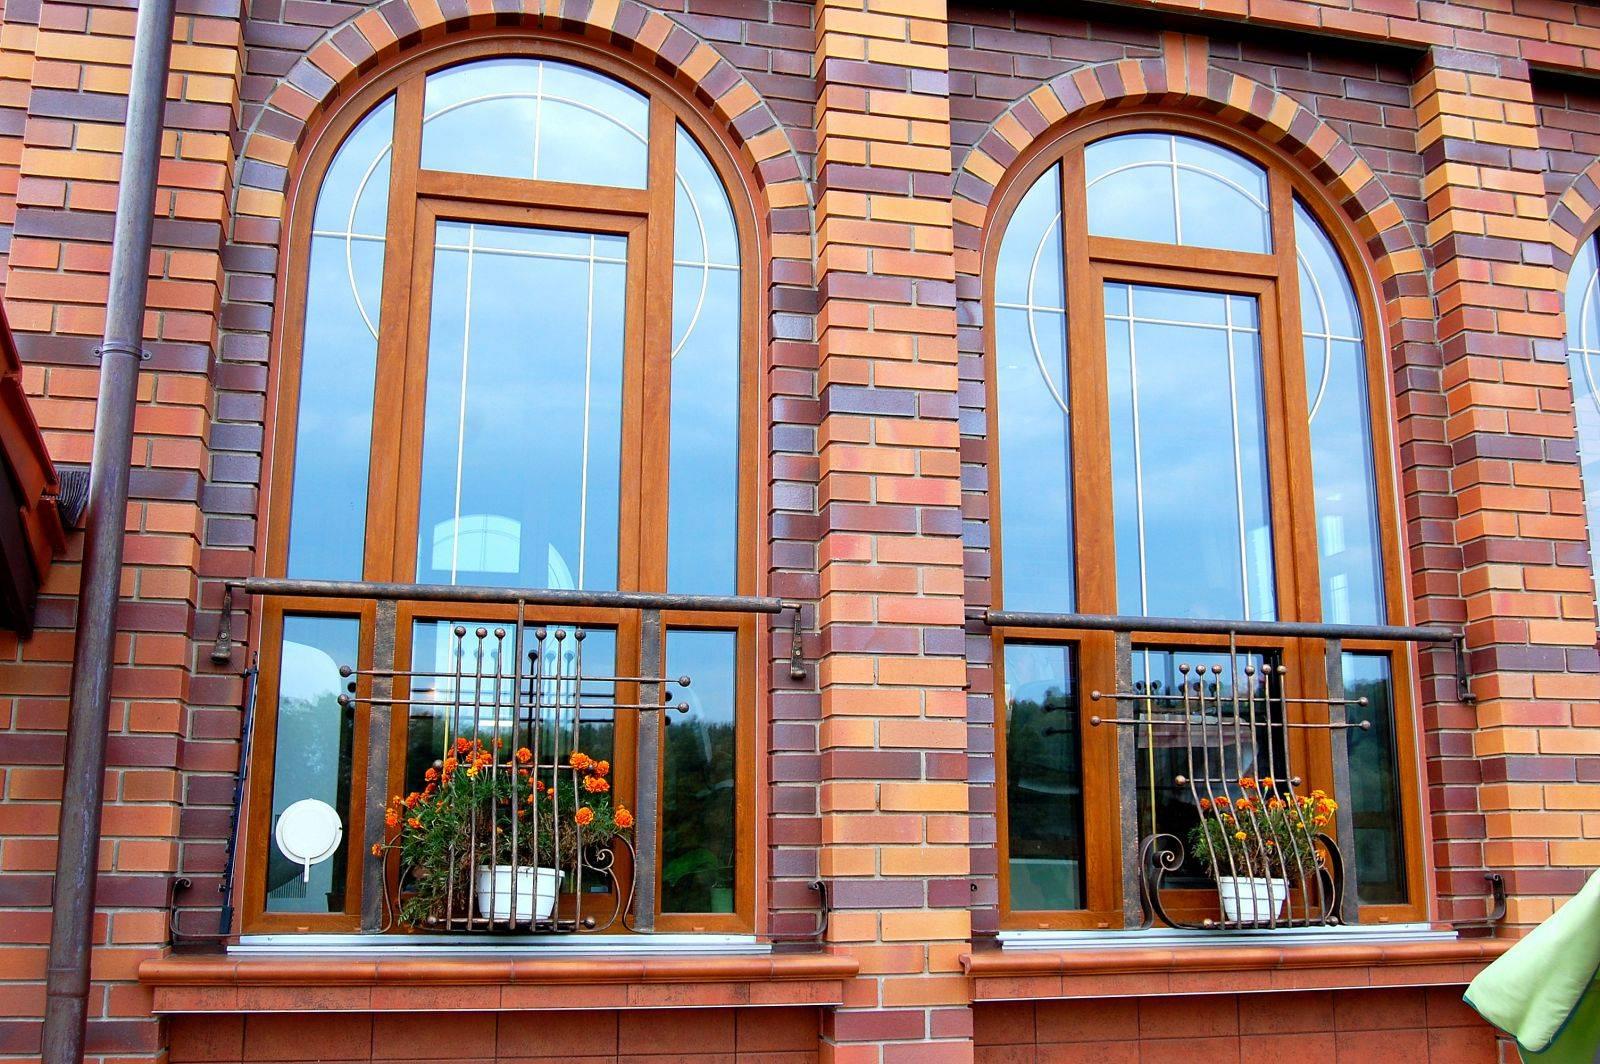 Шпросы на окна (44 фото): декоративная раскладка в стеклопакете пластиковых и деревянных окон, белые и золотые, коричневые накладные шпросы